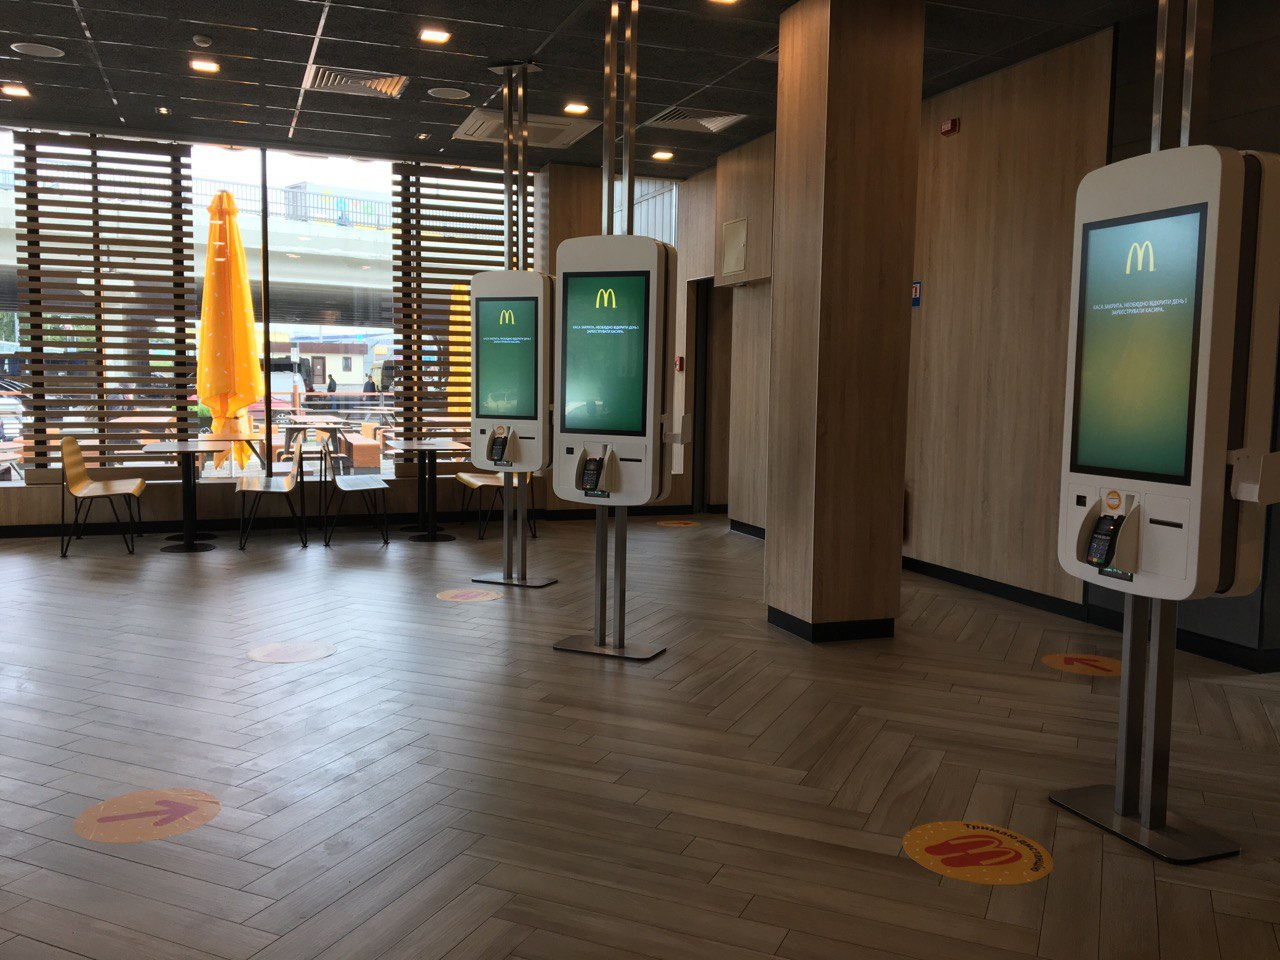 МакДональдз открыл залы ресторанов и показал, как они будут работать в новых условиях